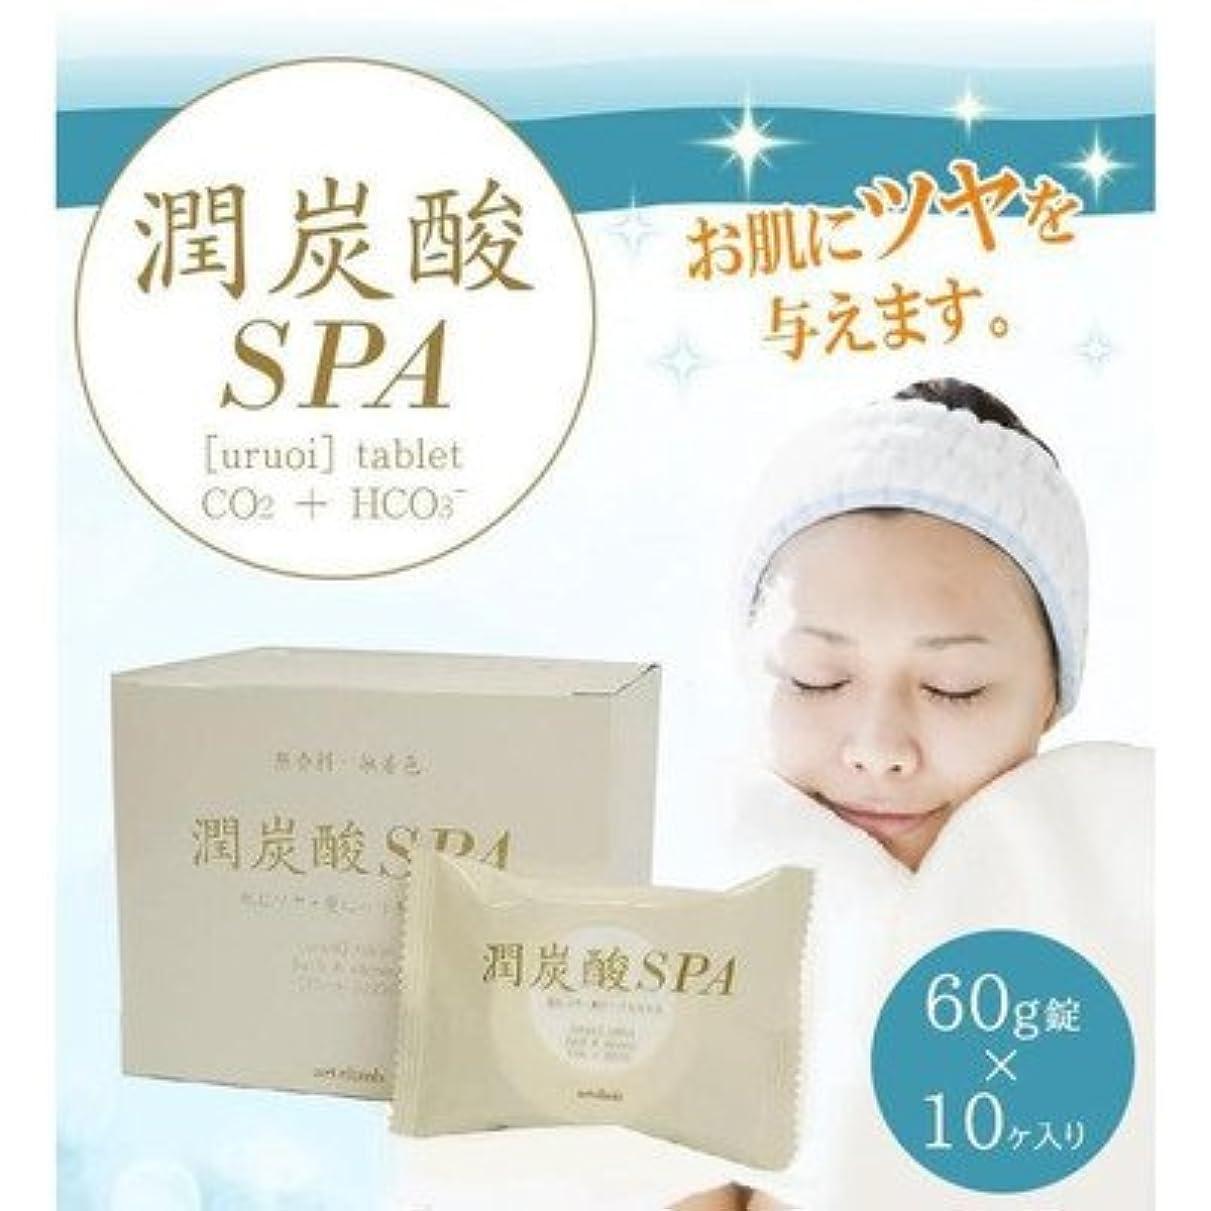 くつろぐねばねば早くお風呂にポンッと入れるだけで話題の 炭酸風呂 に 潤炭酸SPA BS 60g錠×10ヶ入り 浴用化粧料